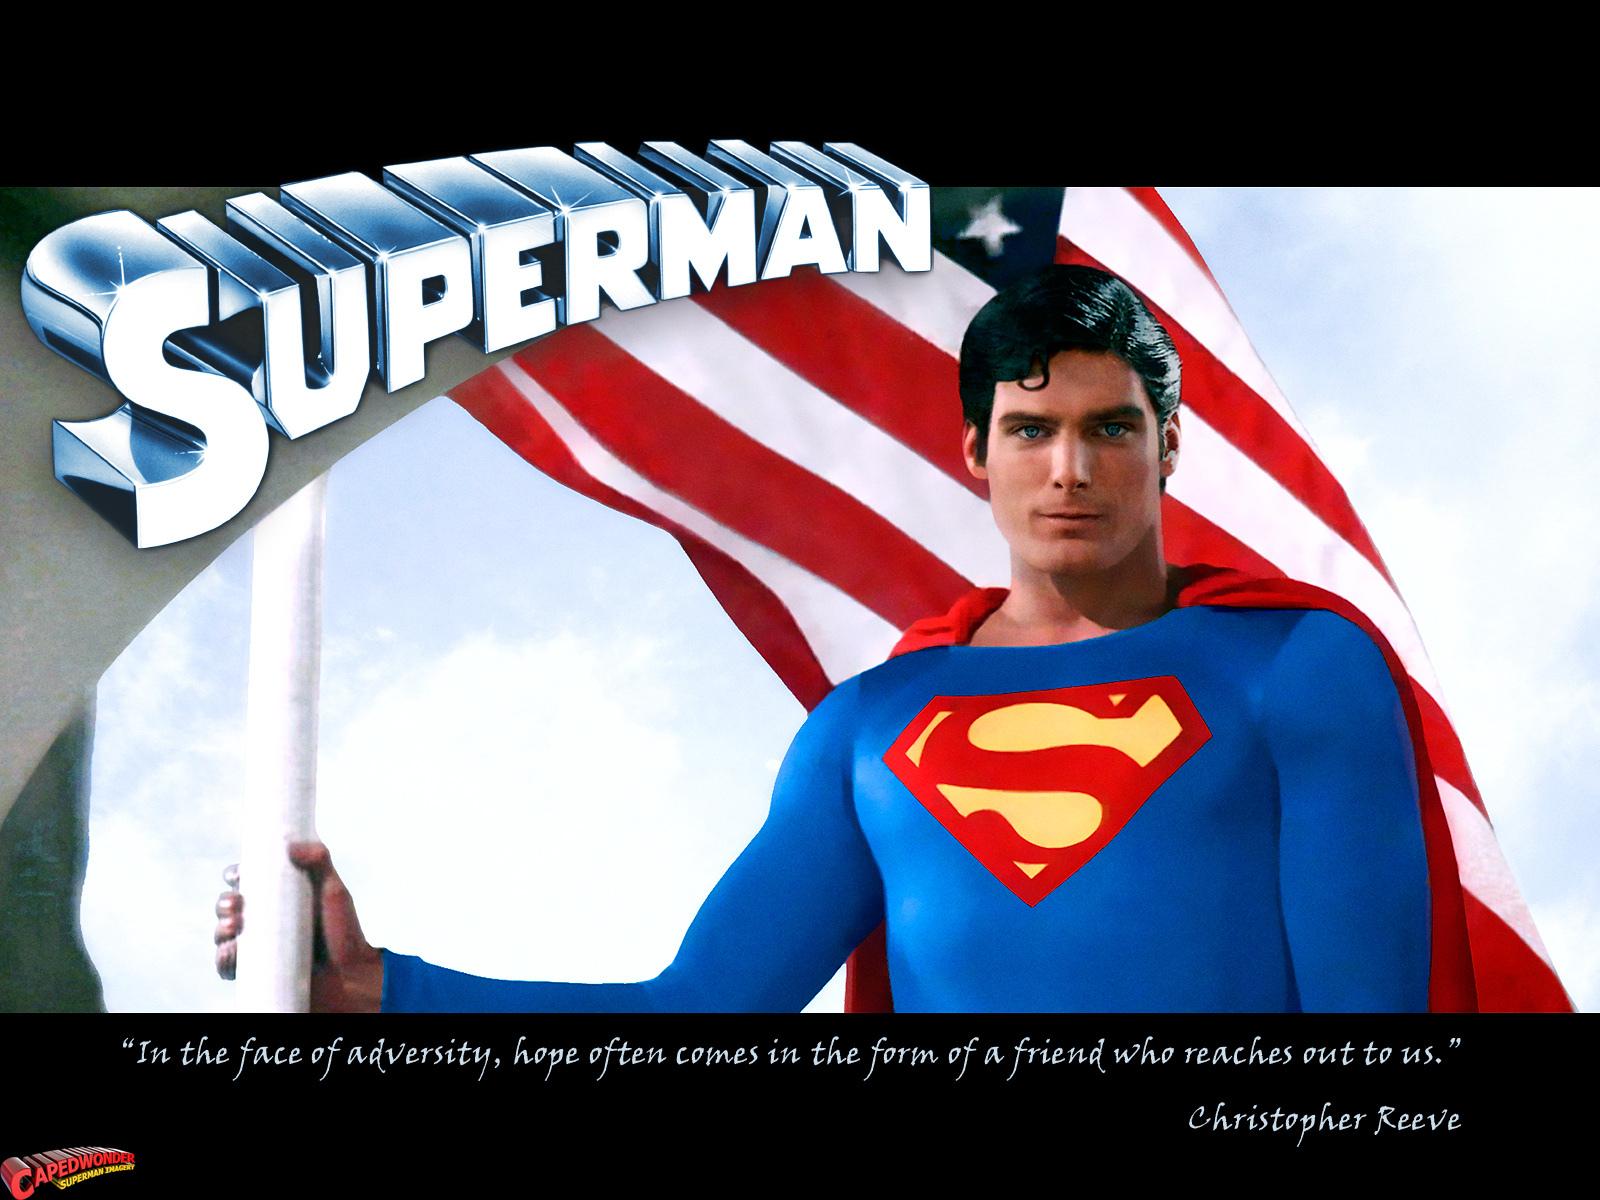 Superman-superman-the-movie-20439247-1600-1200.jpg